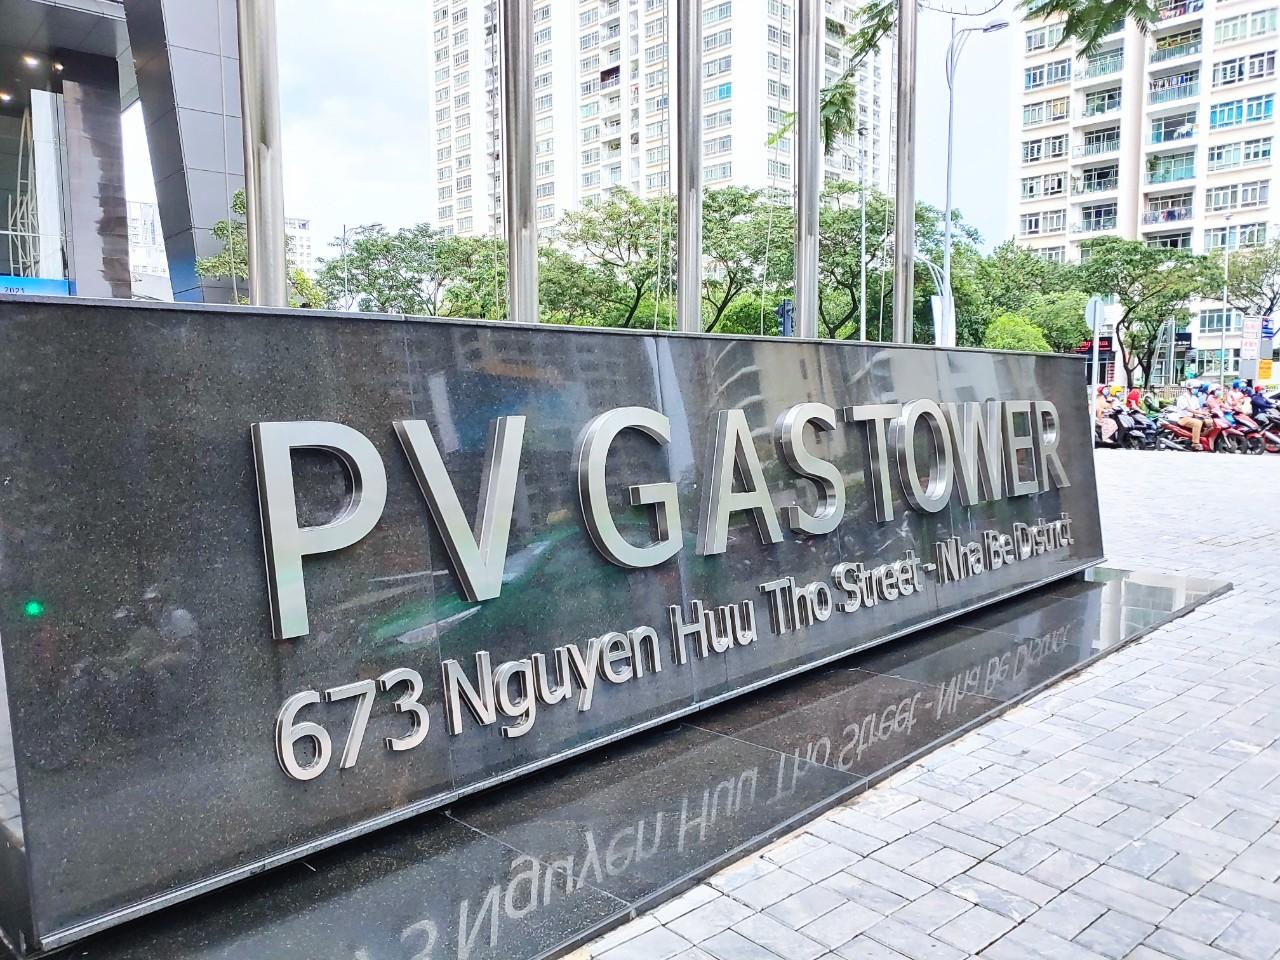 PV GAS thực hiện 62% kế hoạch năm, trữ gần 31.600 tỷ đồng tiền nhàn rỗi - Ảnh 1.